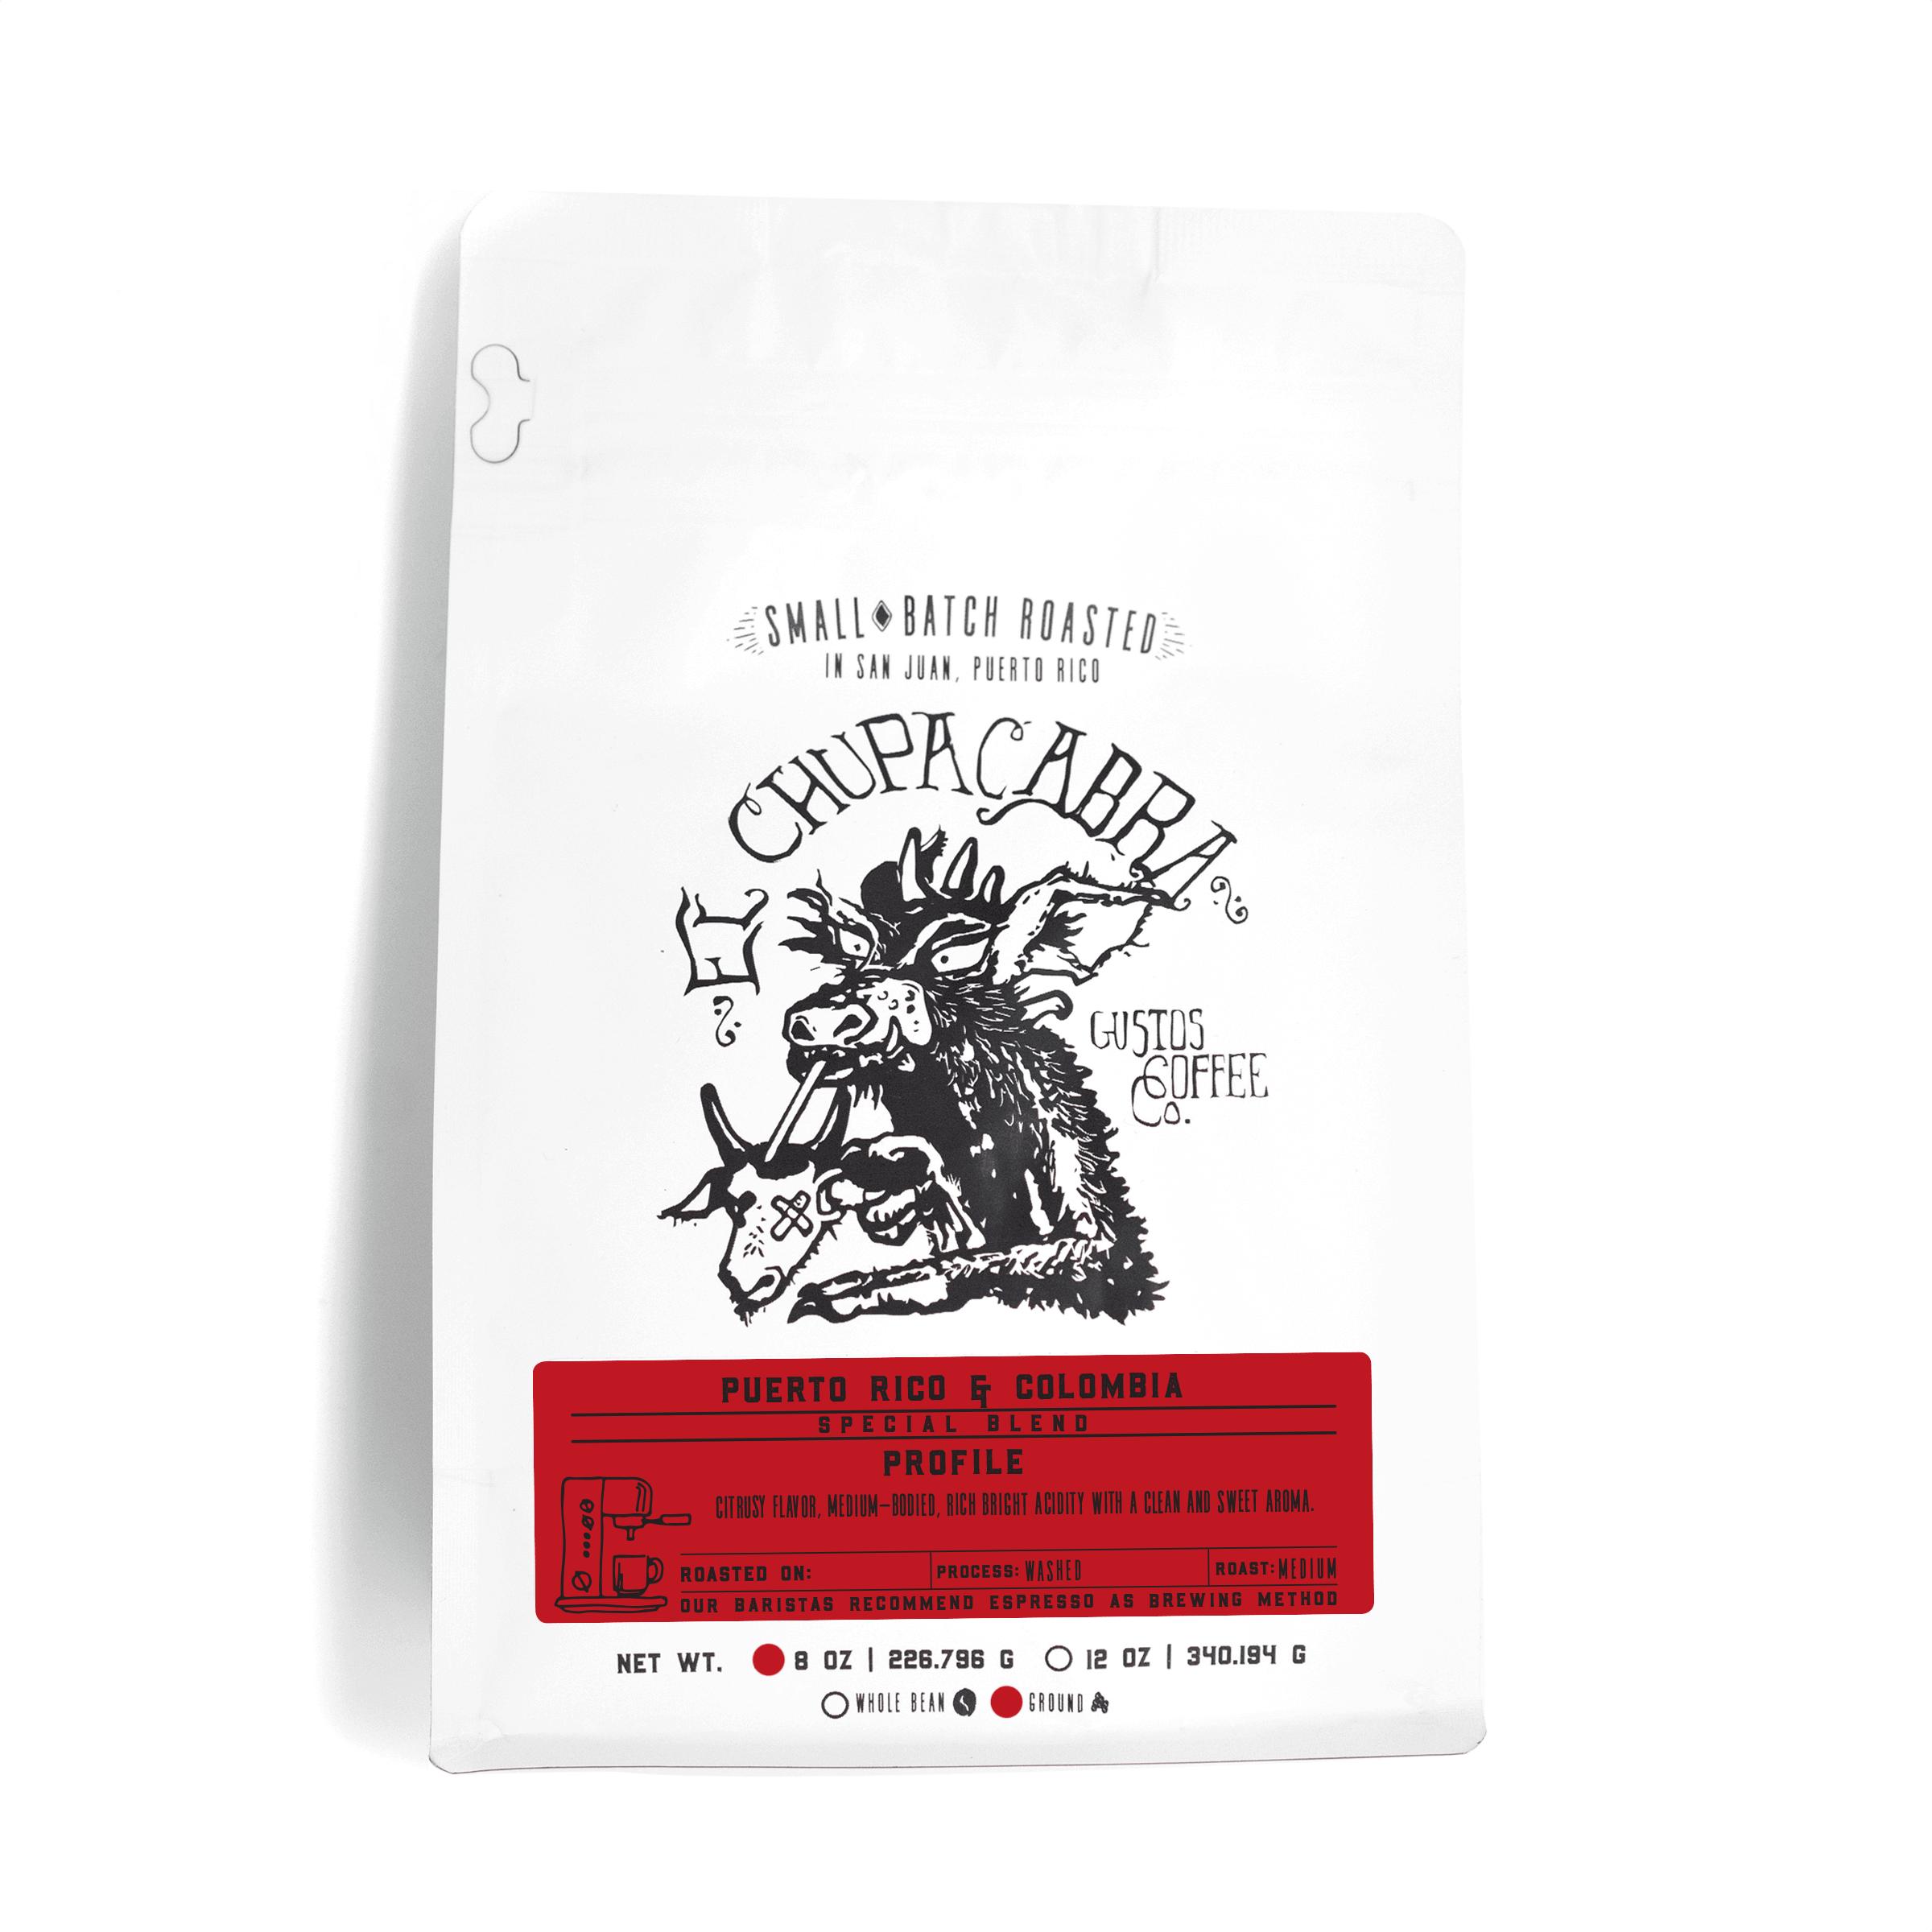 El Chupacabra Yauco Puerto Rico Specialty Coffee and Colombia 8oz Molido Fresh Ground